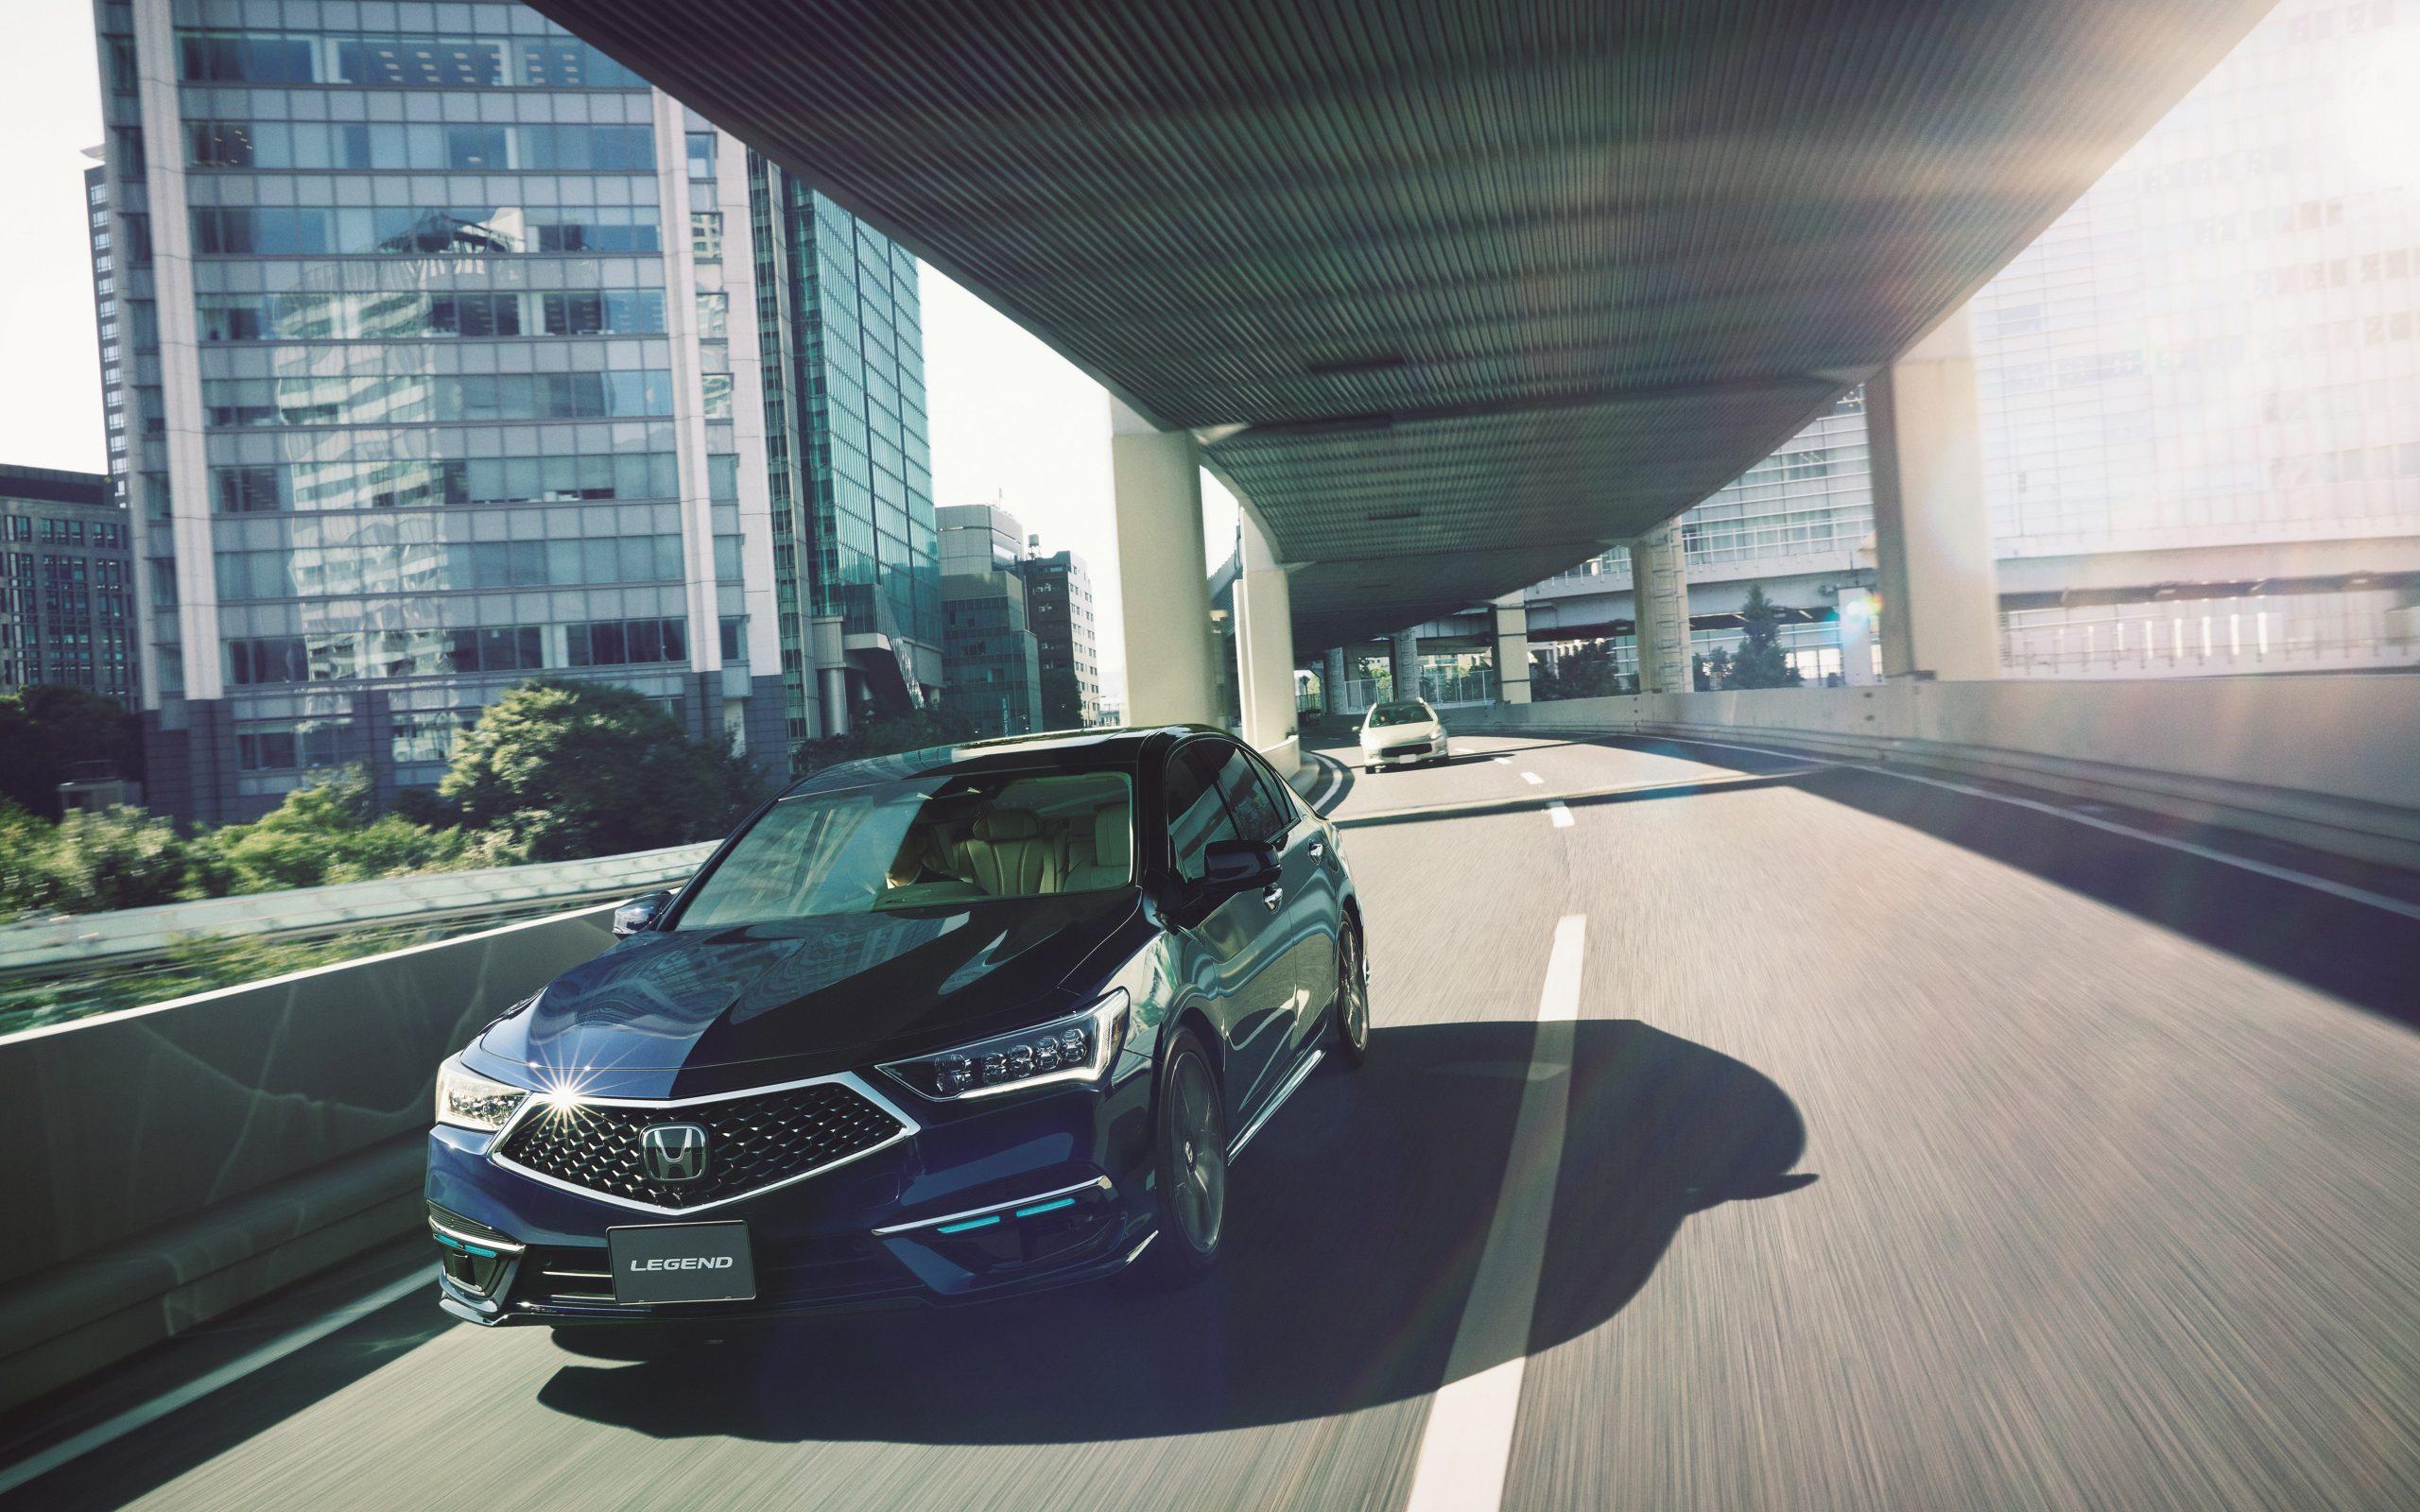 329461 Honda Launches Next Generation Honda SENSING Elite Safety System With Level Scaled